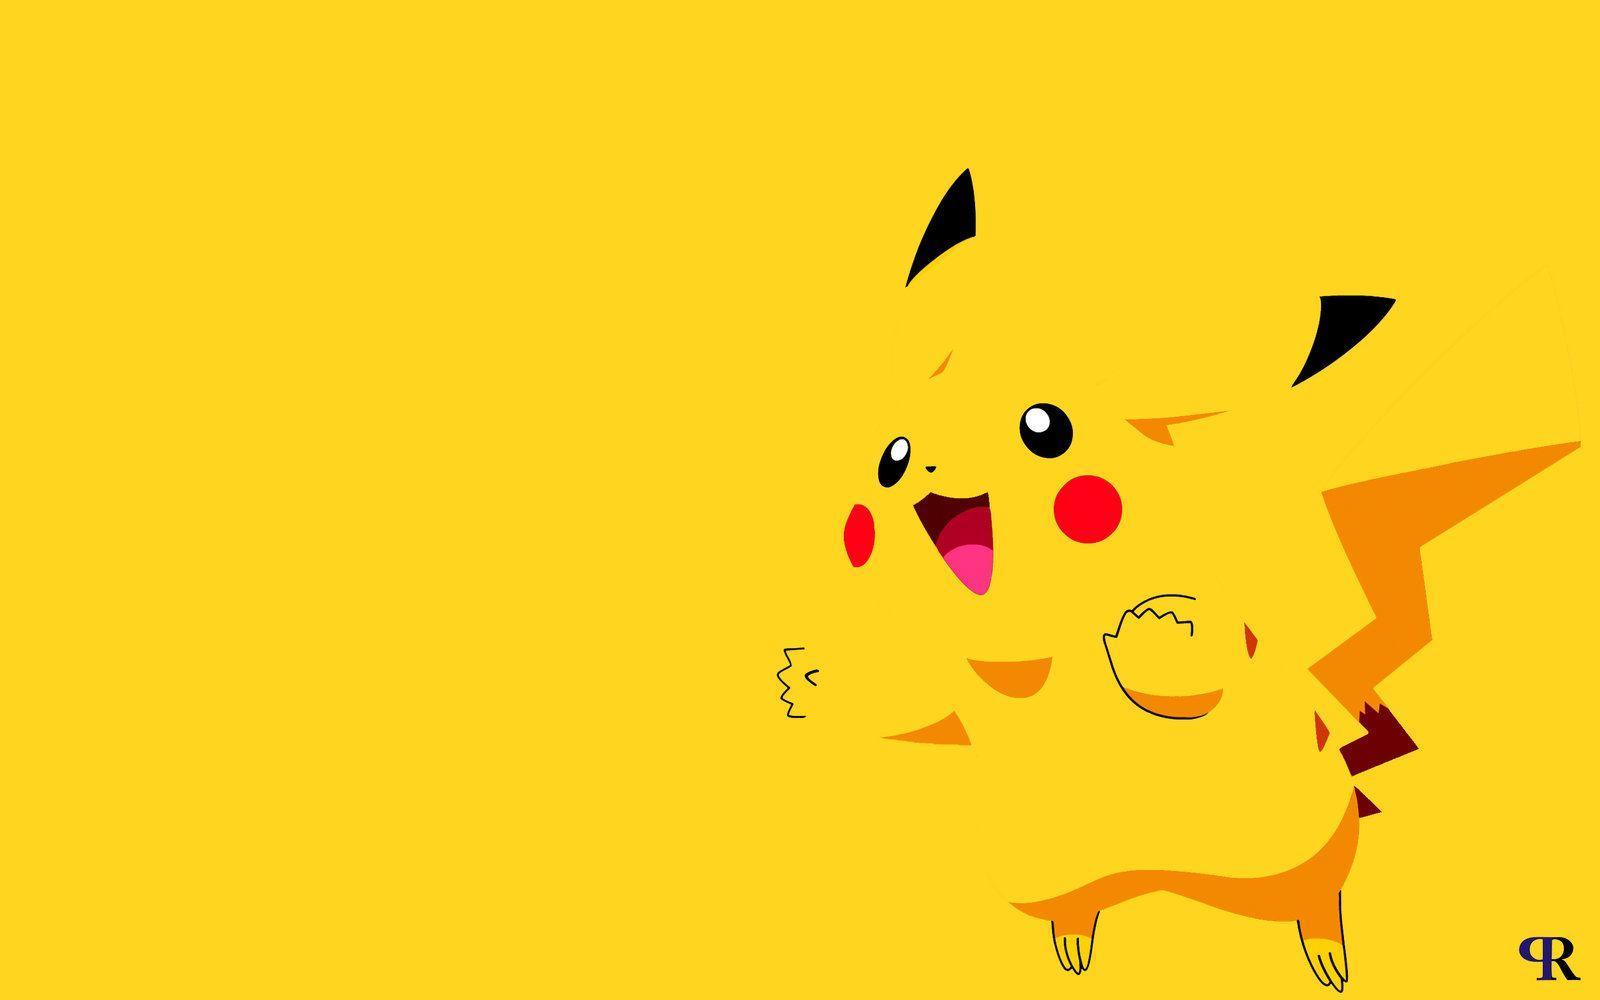 1600x1000 Hình nền Pikachu dễ thương miễn phí Độ nét cao tại Phim Monodomo